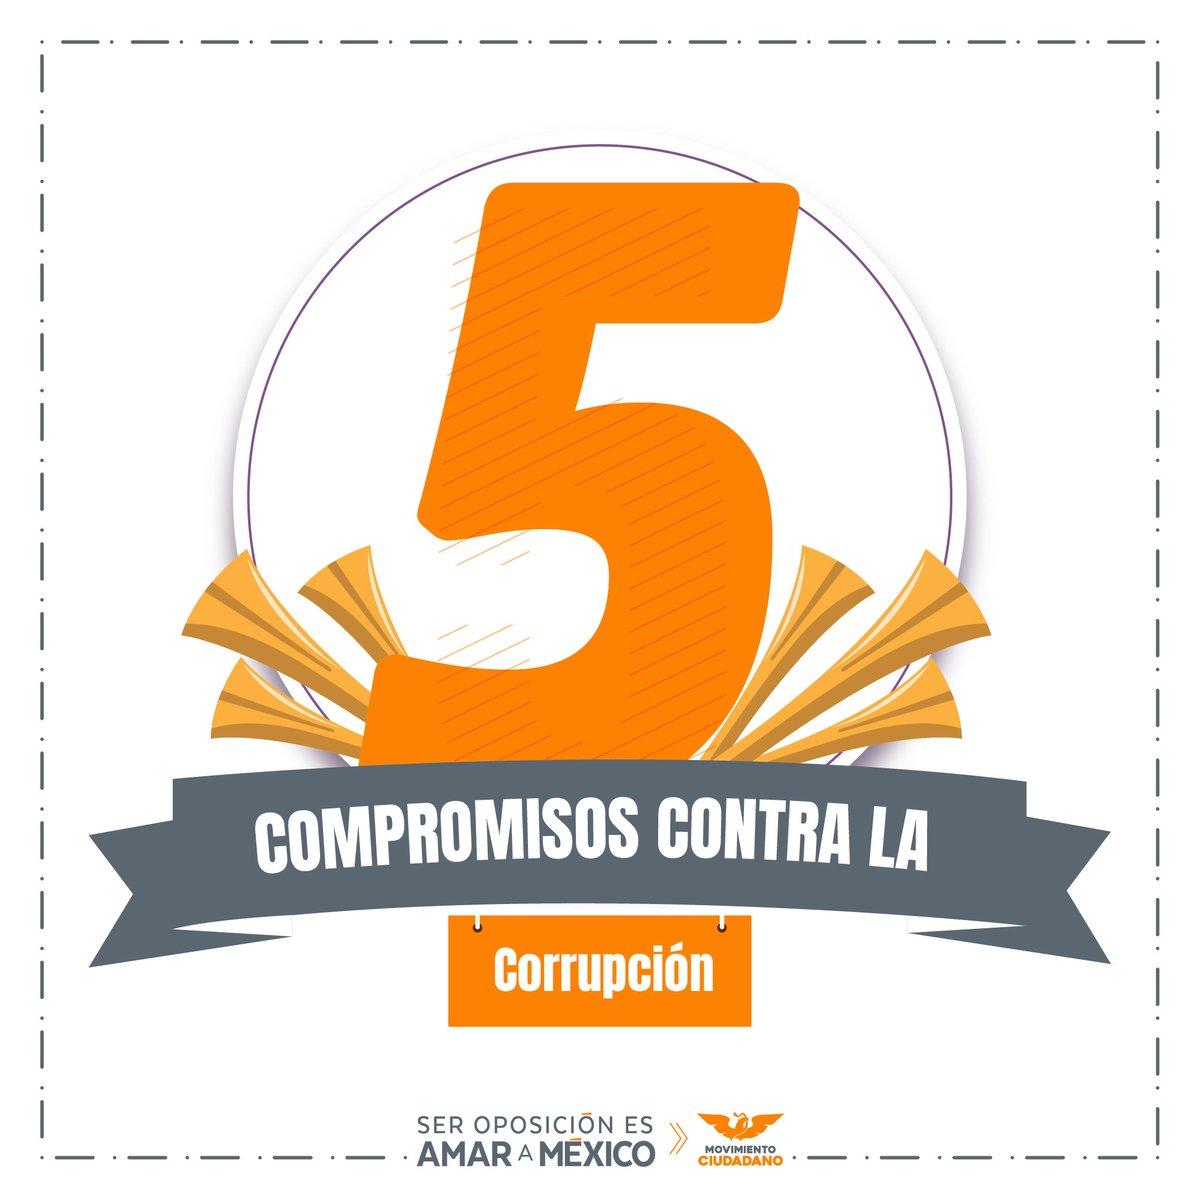 Generamos 5 compromisos contra la corrupción. no te las pierdas a lo largo de la semana y conocerás a fondo https://t.co/5PGnegEdp3